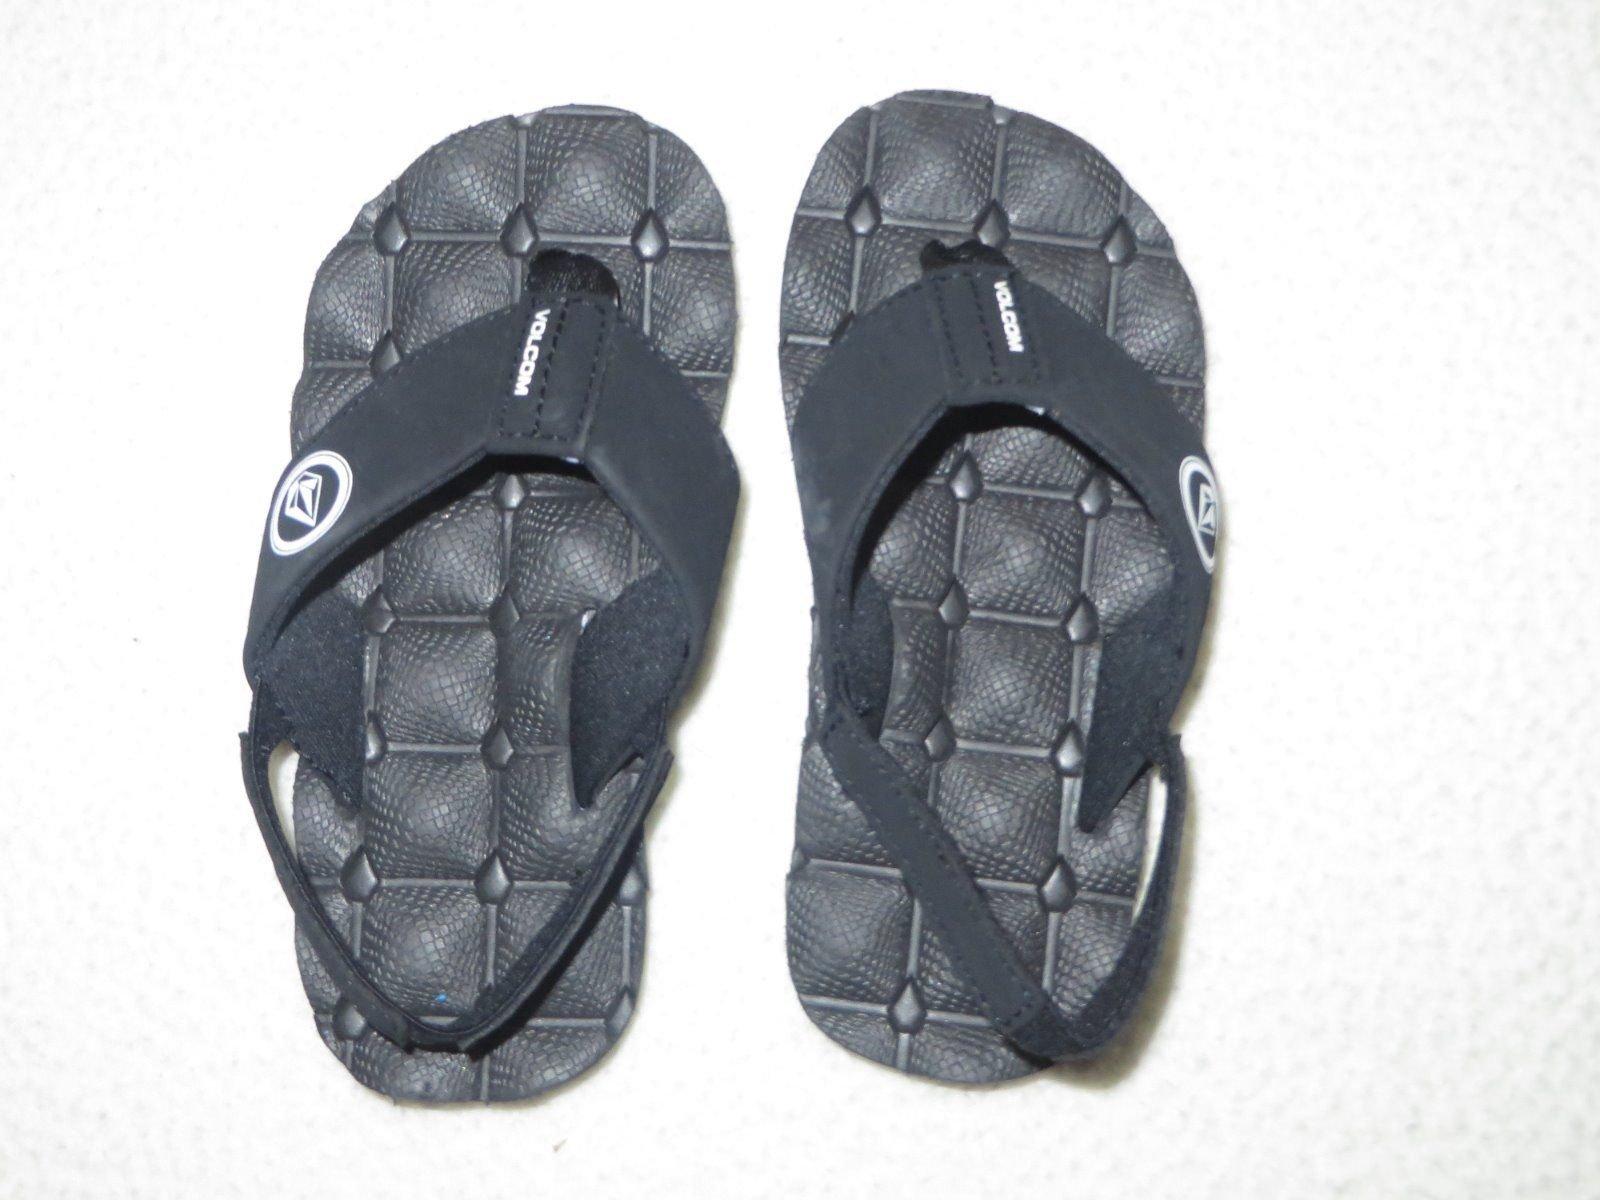 Volcom Boys Recliner Sandal Black/White